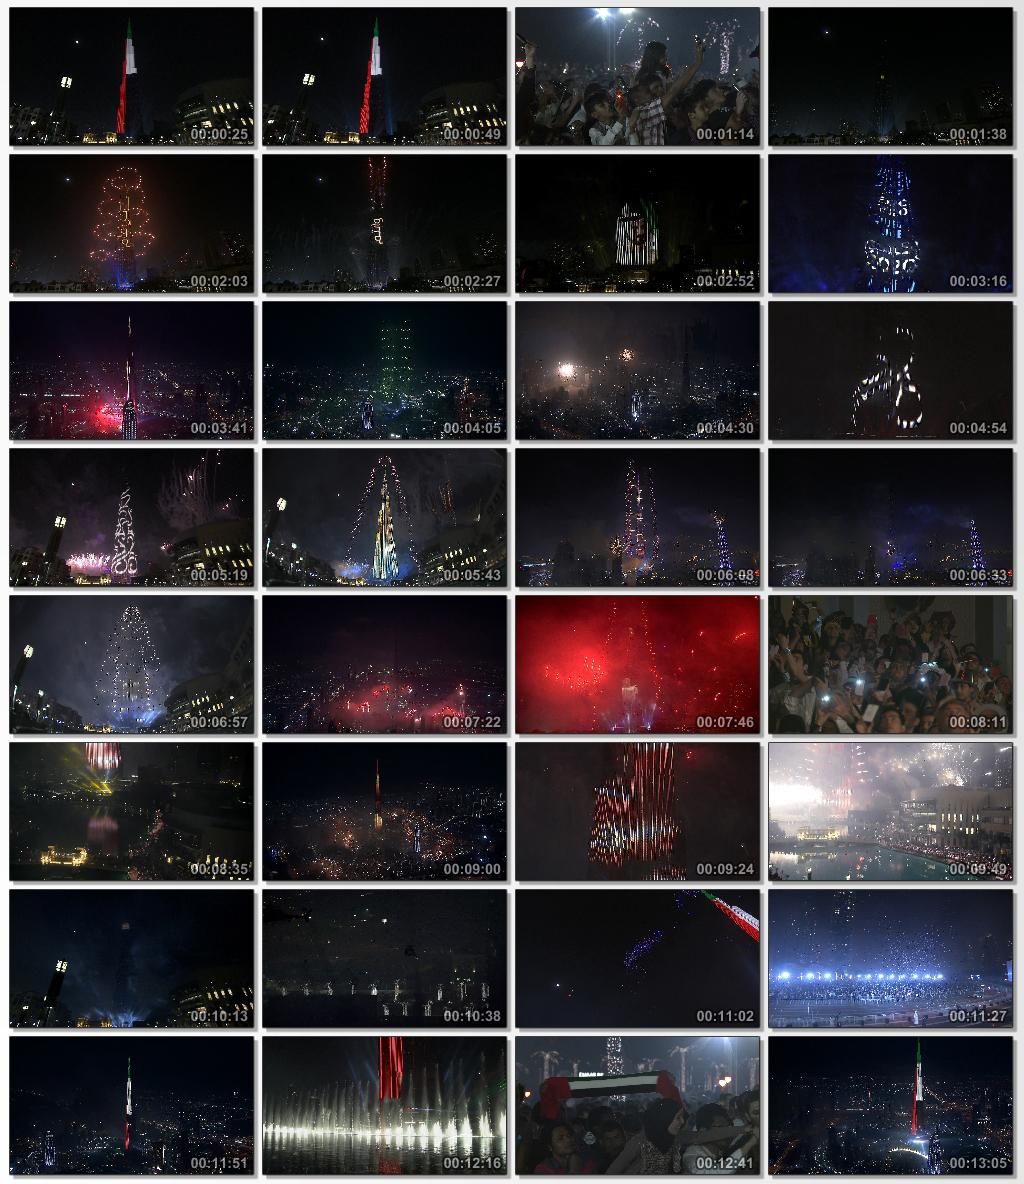 Dubai.New.Year's.Fireworks.2015.1080i.www.download.ir.ts_thumbs_[2015.01.07_10.37.05]